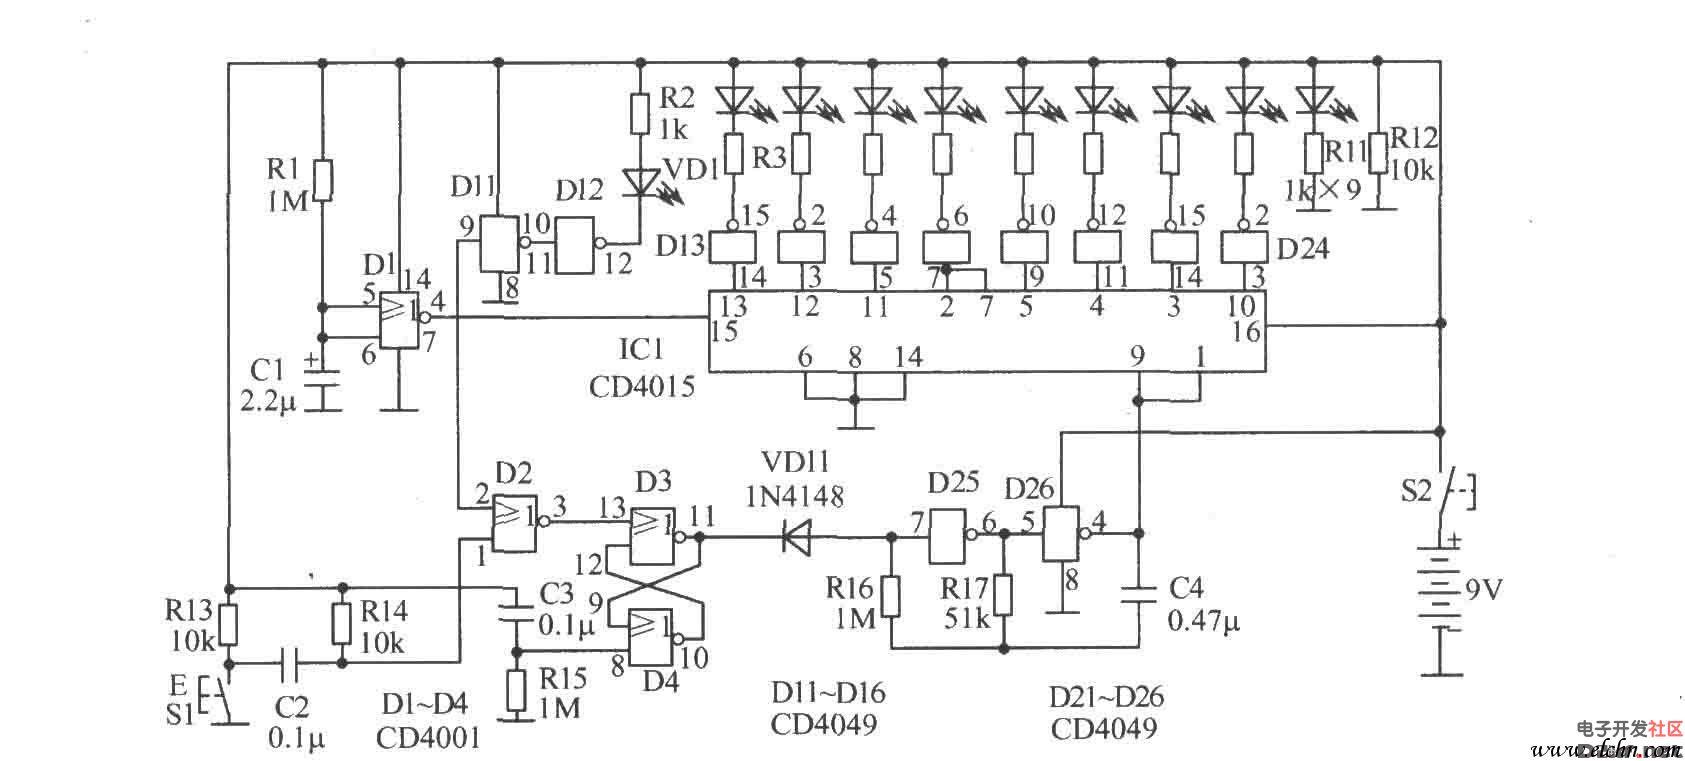 与非门d25,d26等组成多谐振荡器